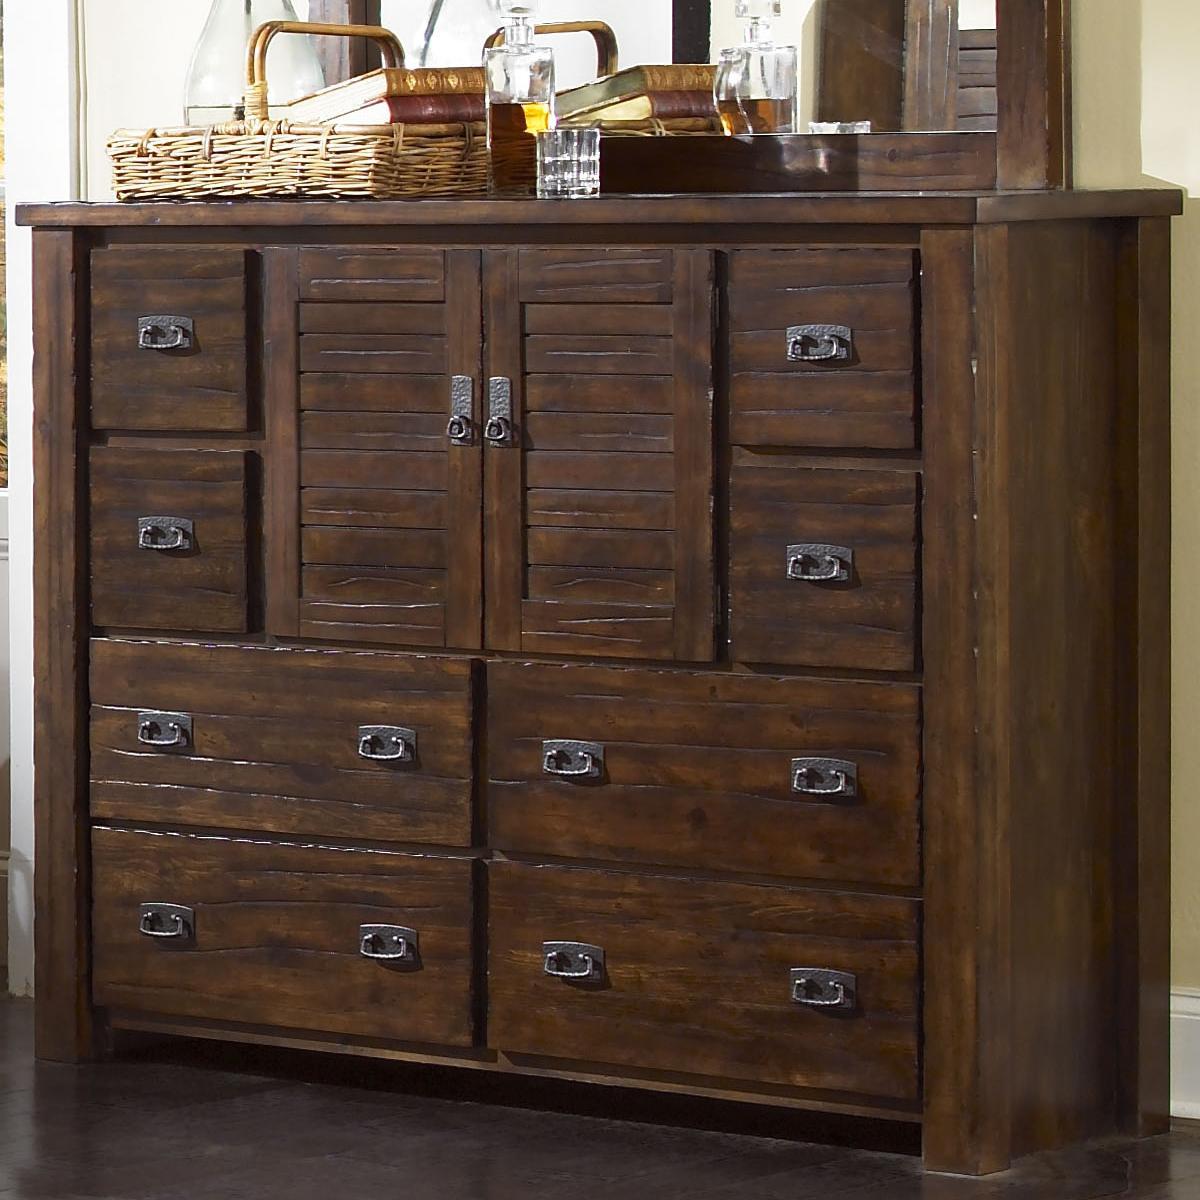 Trestlewood Dresser by Progressive Furniture at Catalog Outlet